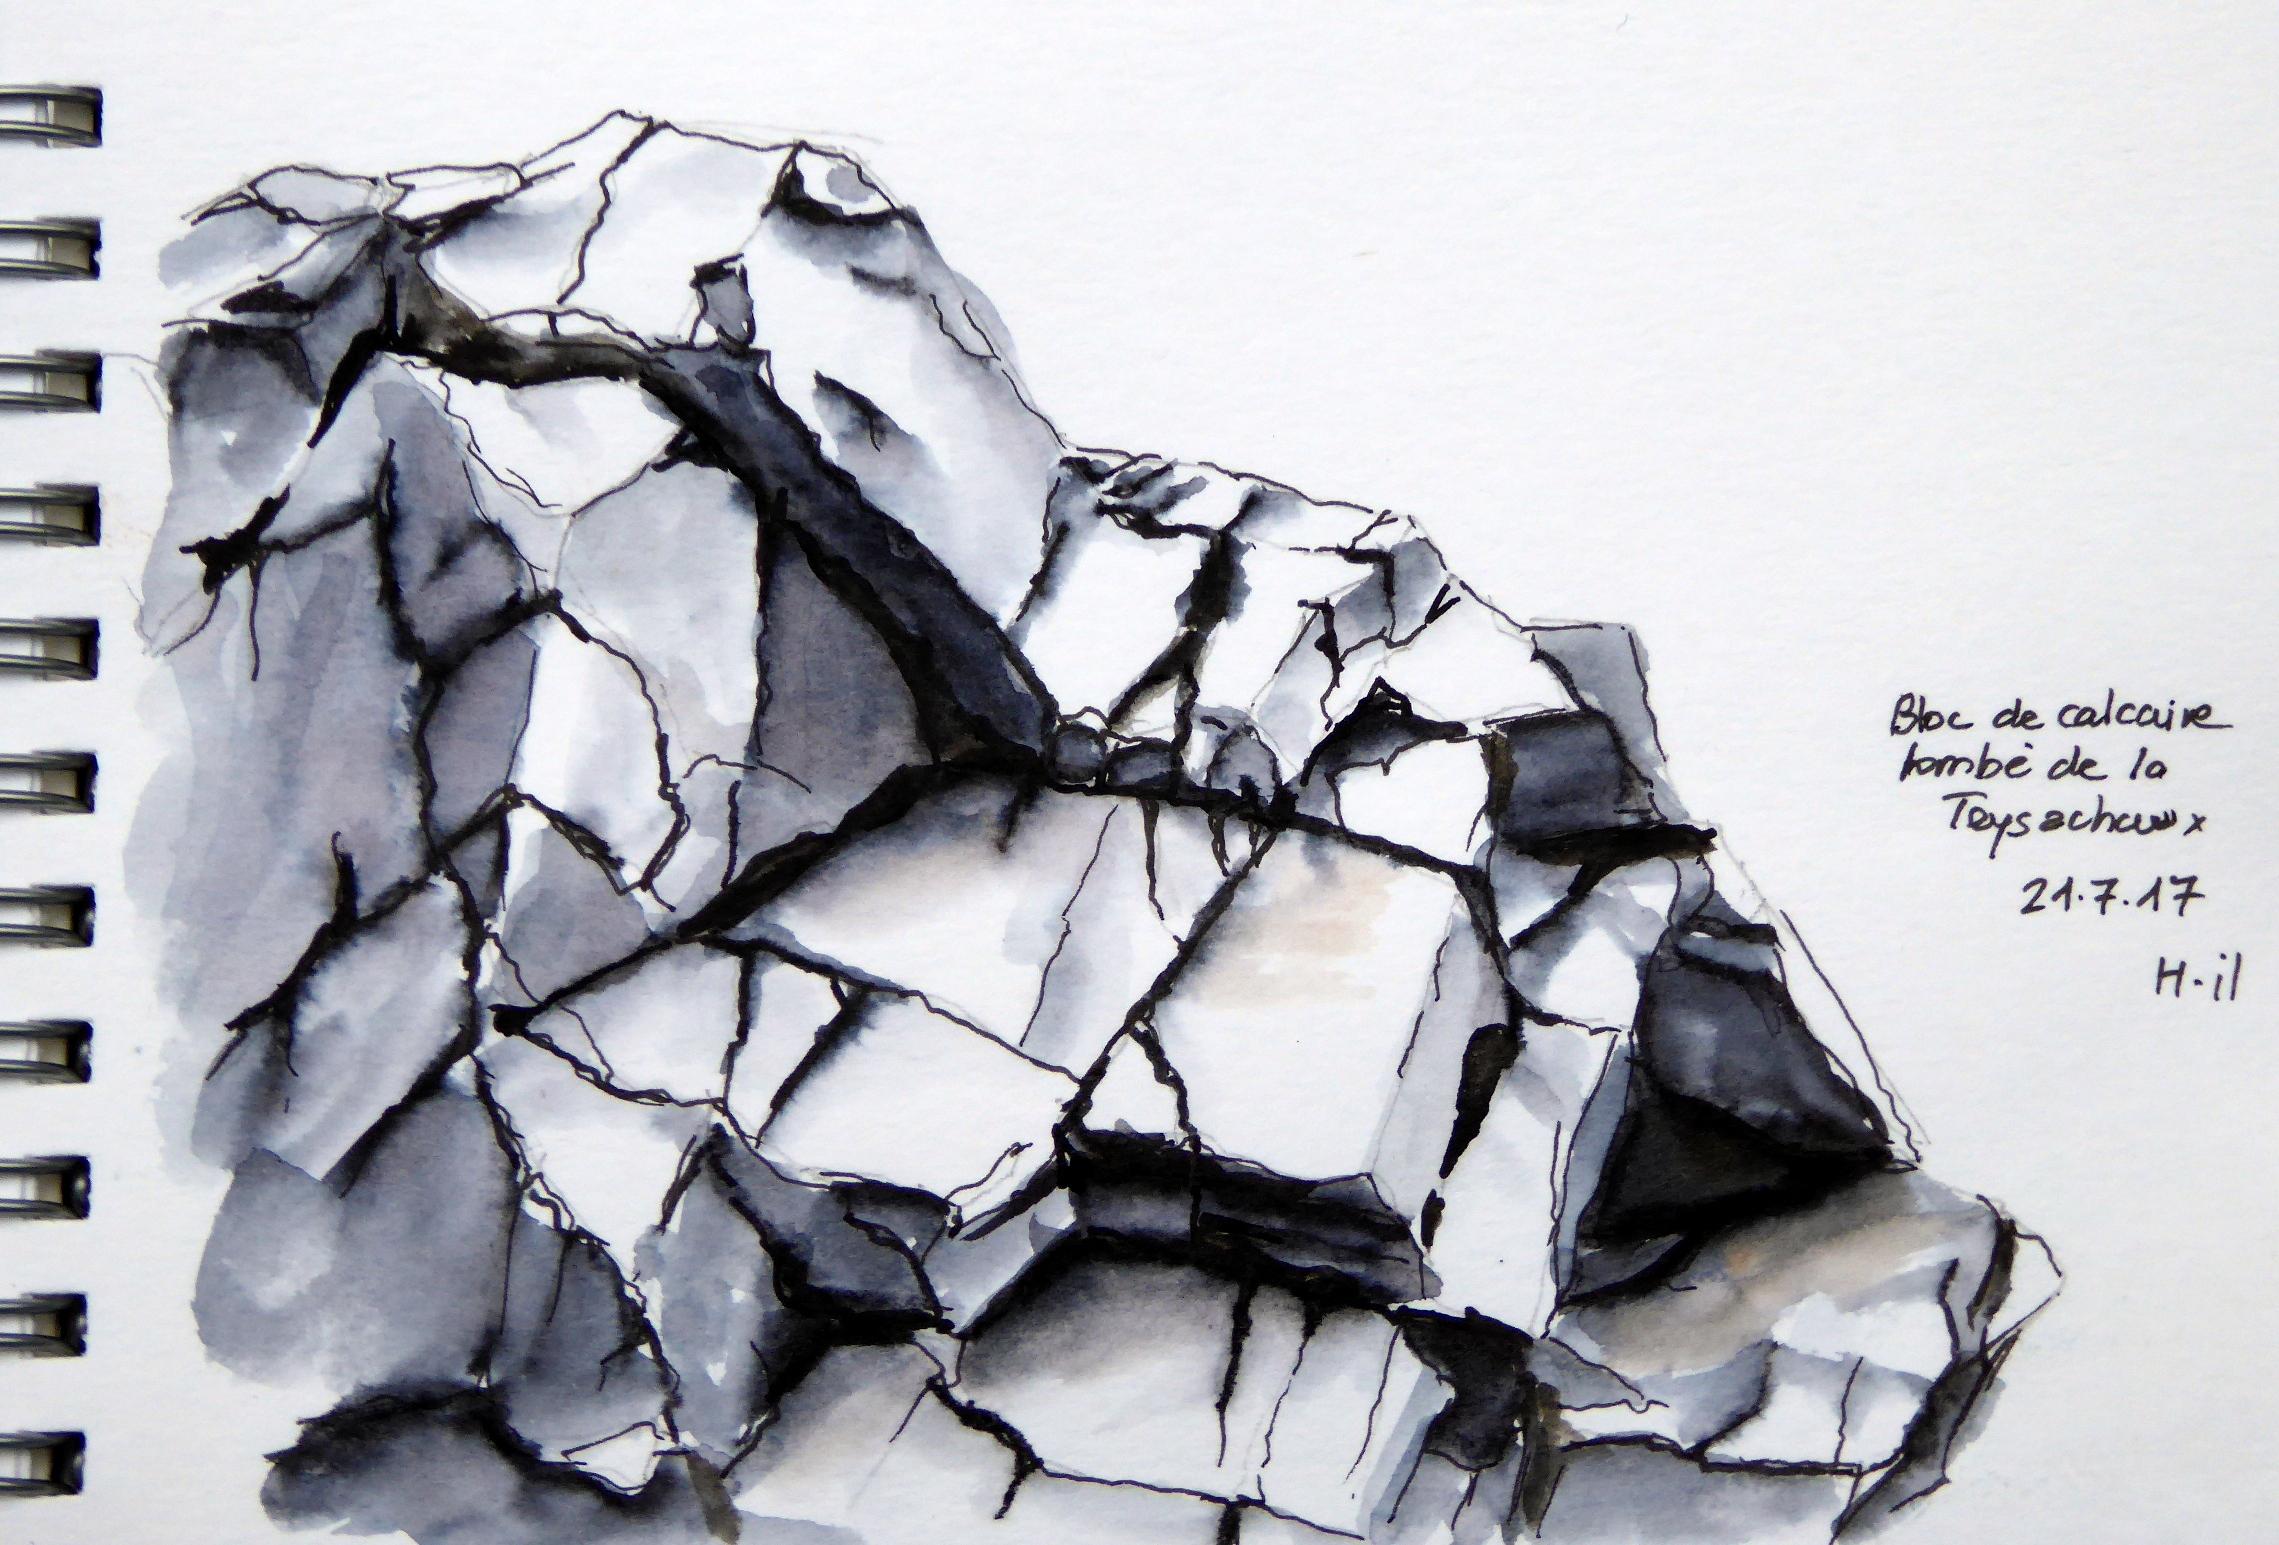 Bloc de calcaire